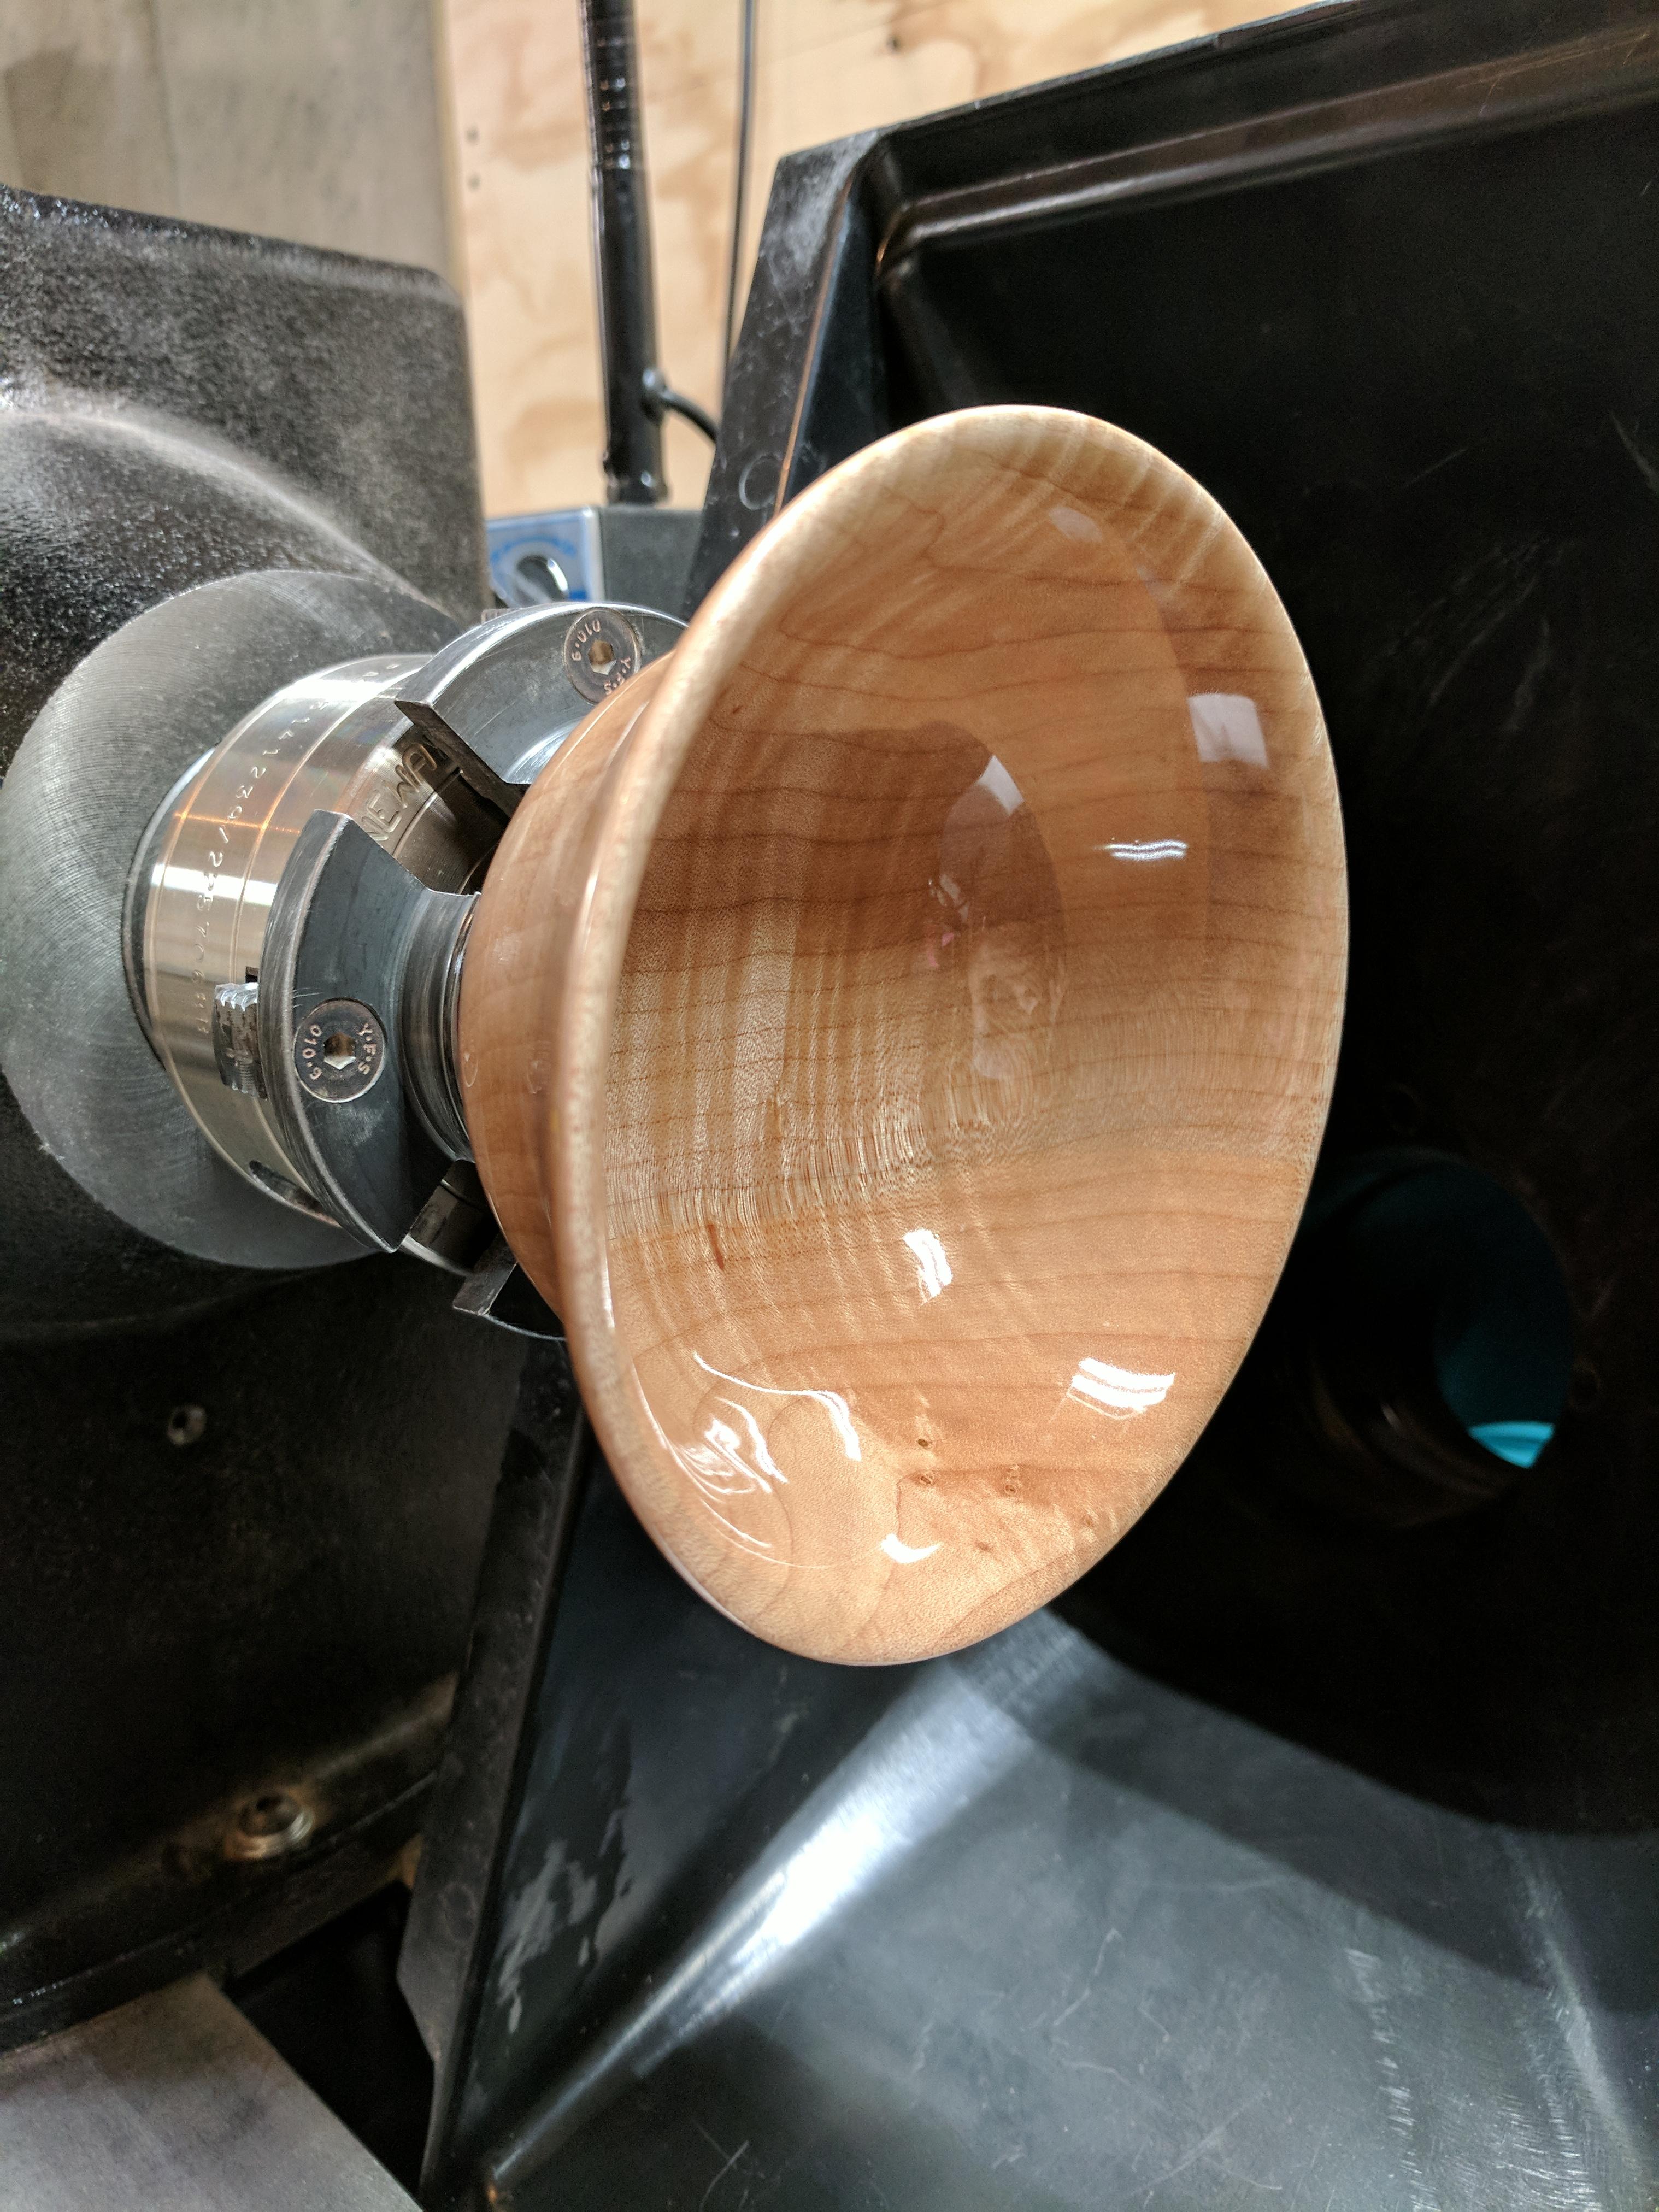 Shiny Bowls